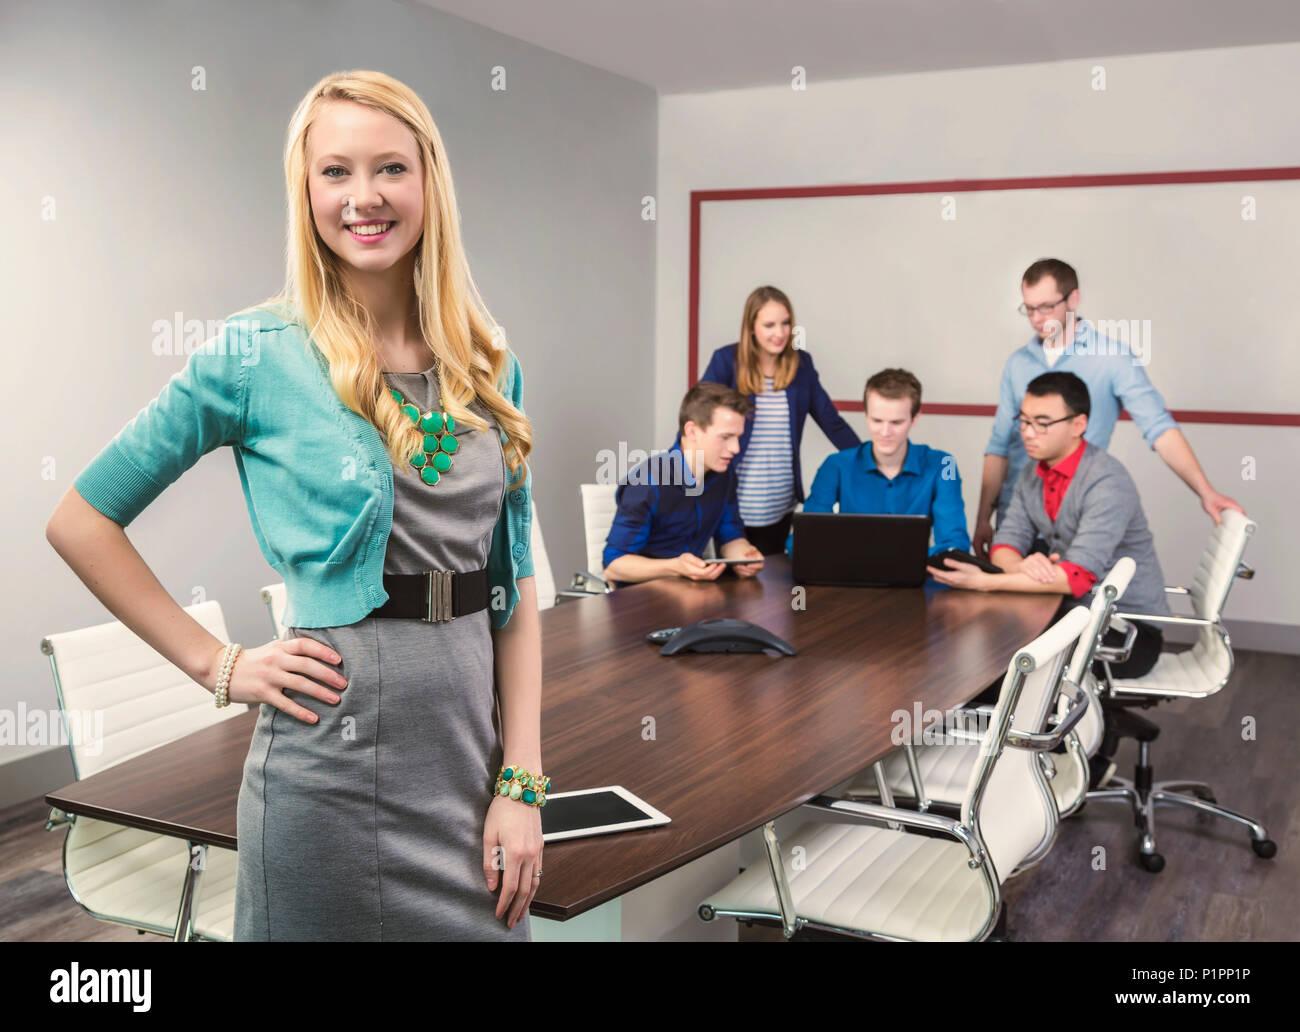 Una giovane e bella la millenaria business donna lavorando sul suo tablet in una sala conferenze con la sua co-lavoratori; Sherwood Park, Alberta, Canada Foto Stock